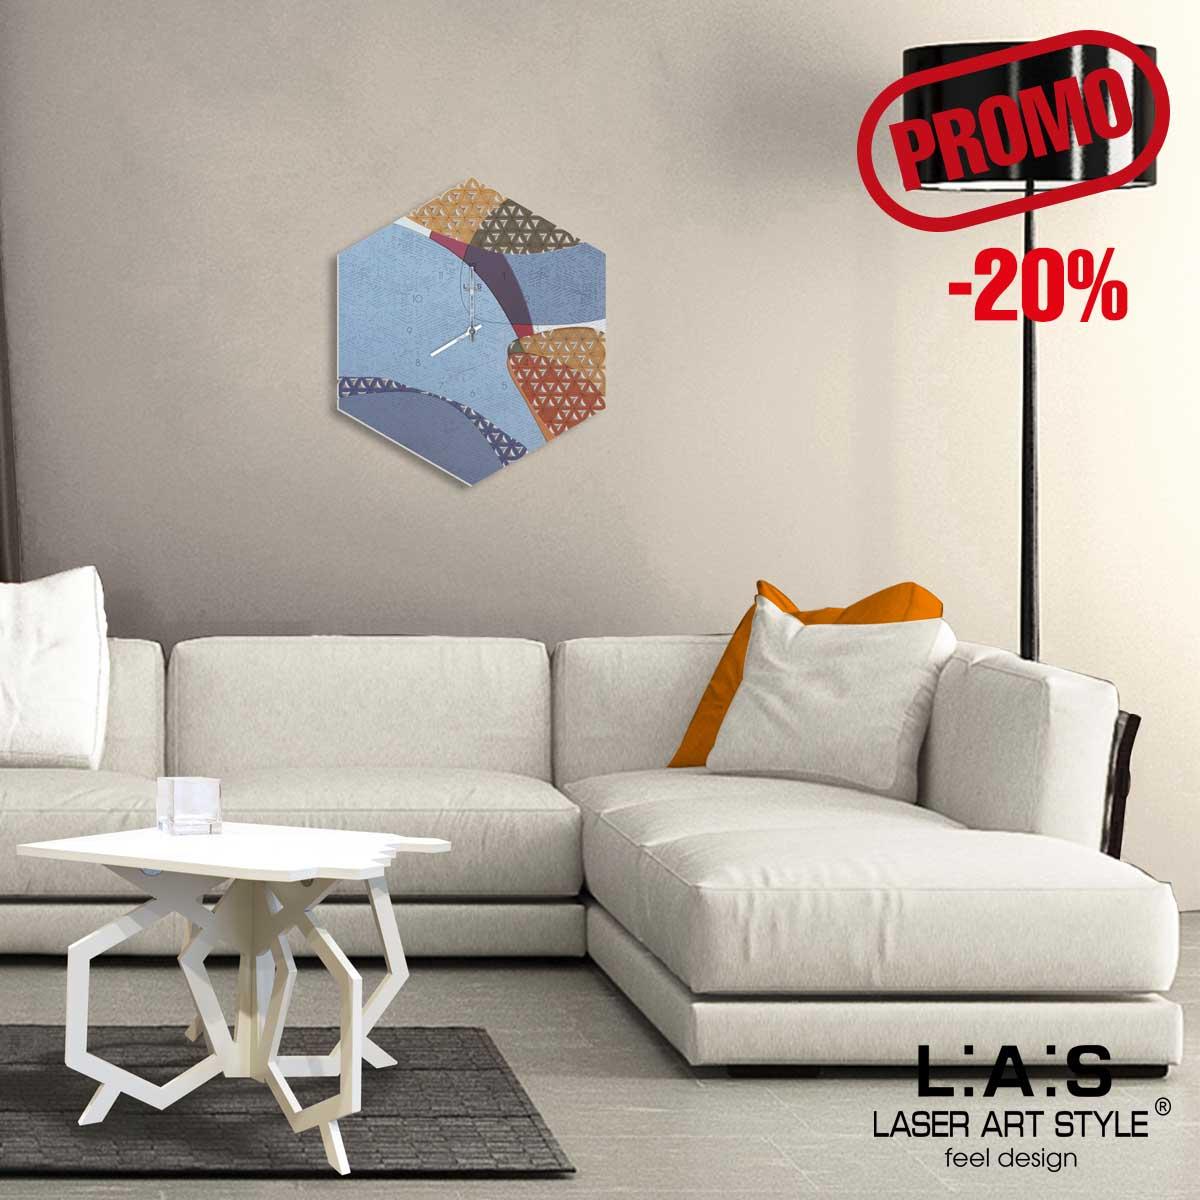 L:A:S - Laser Art Style - OROLOGIO DA PARETE DESIGN GEOMETRICO – SI-533 DECORO TONI CALDI